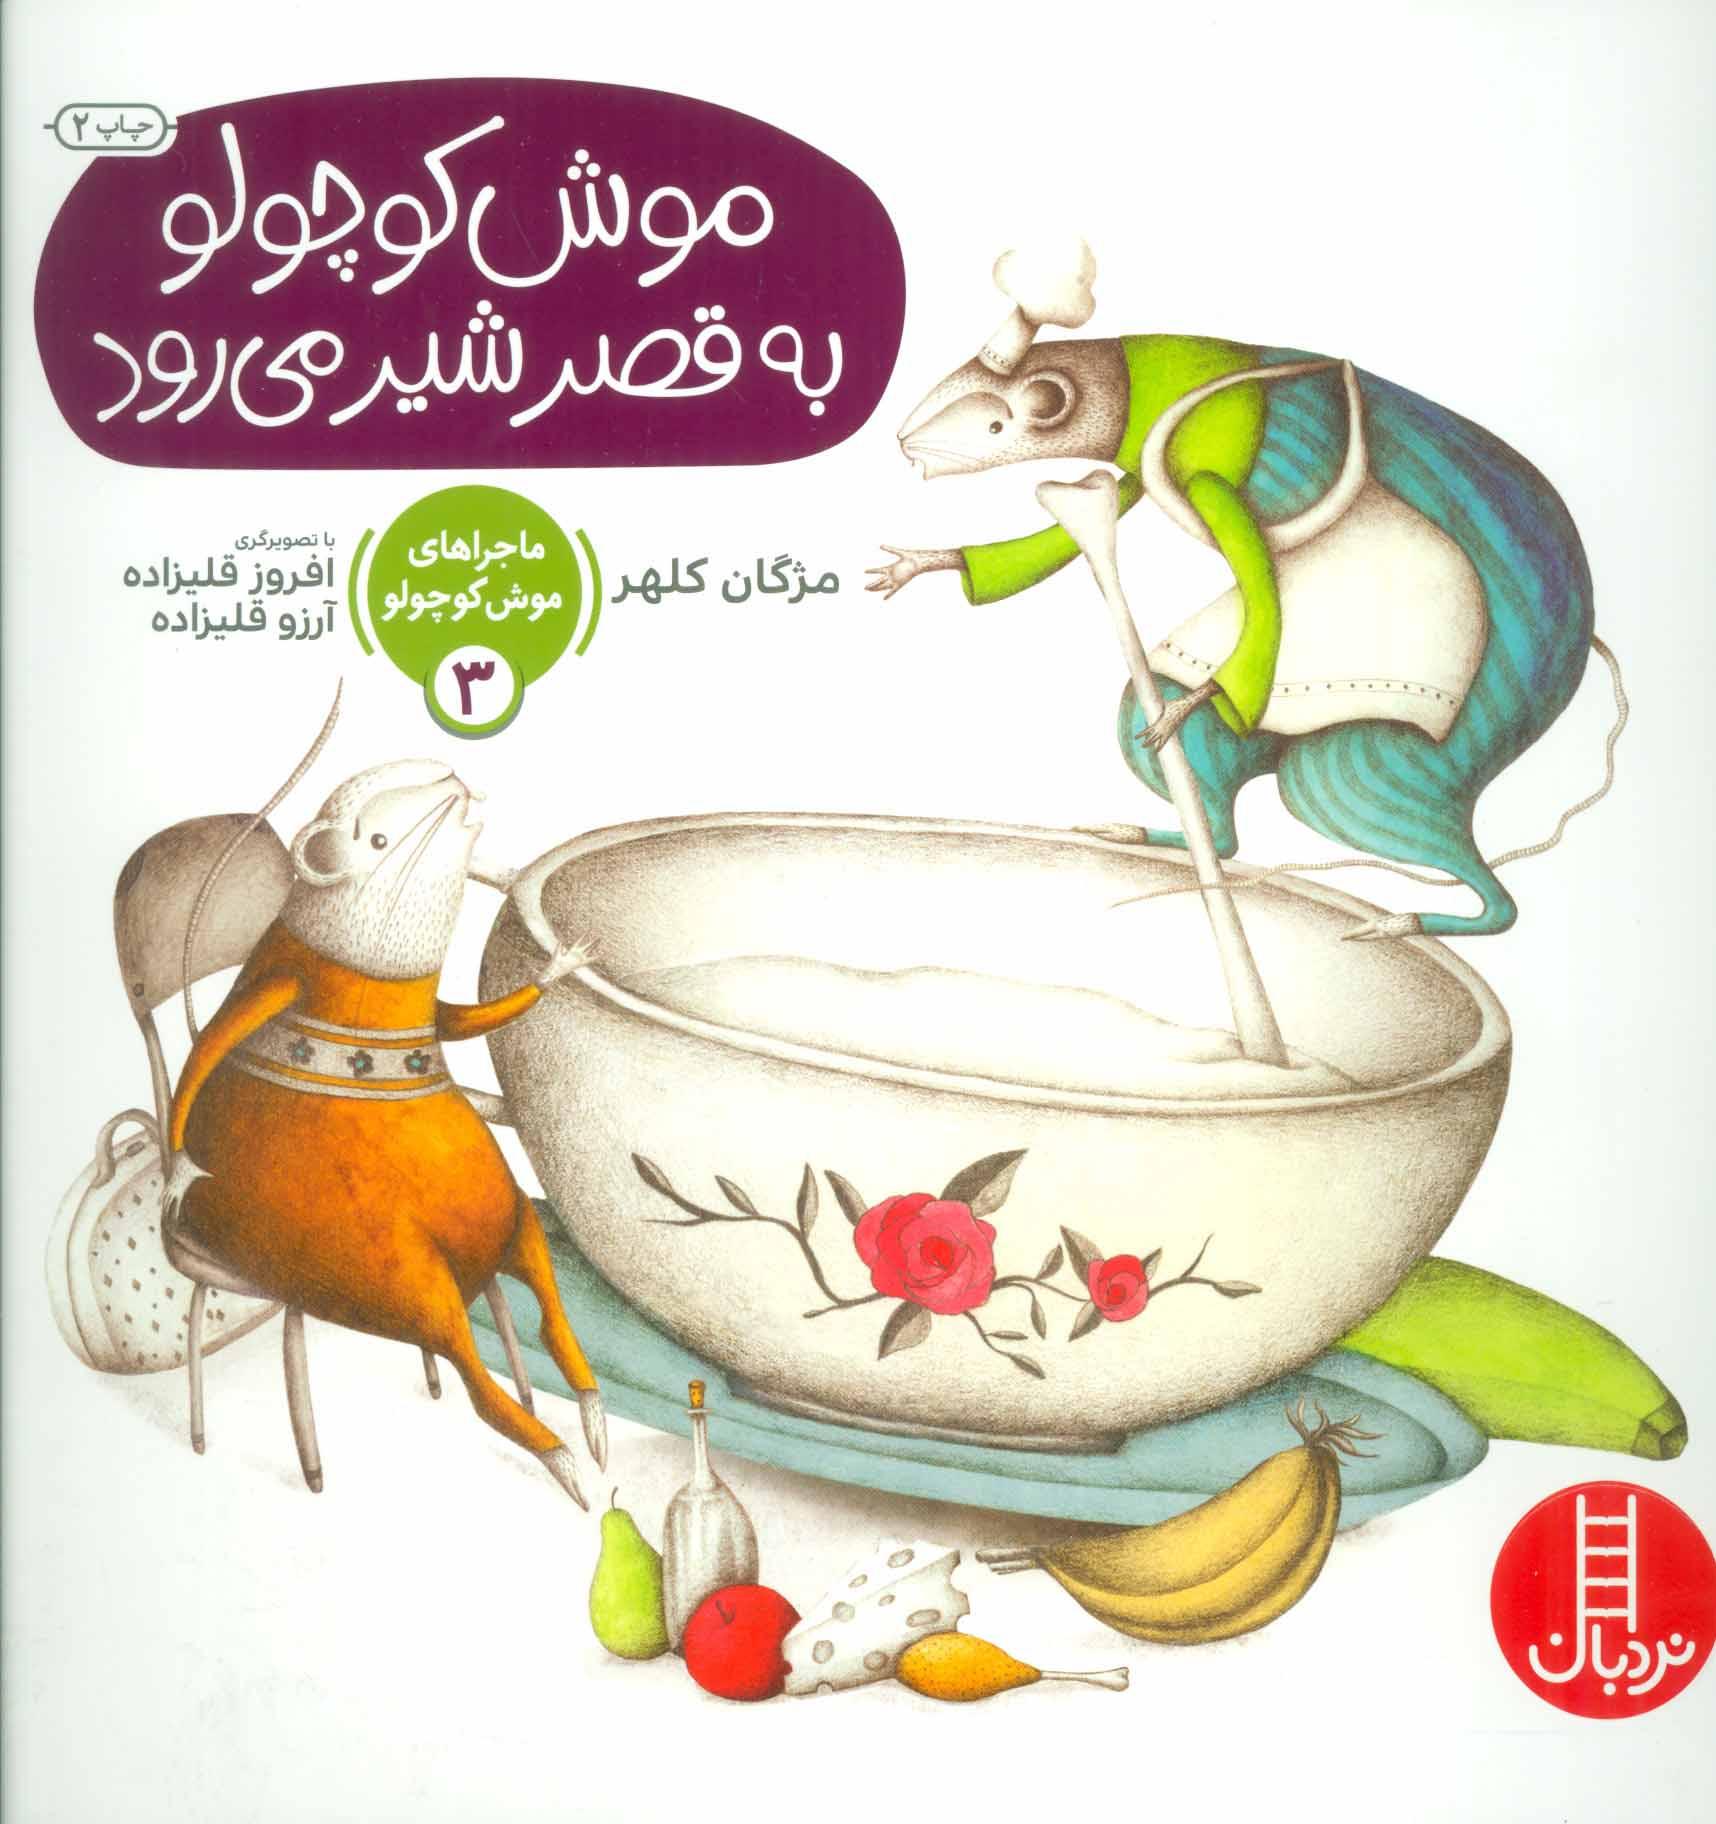 ماجراهای موش کوچولو 3 (موش کوچولو به قصر شیر می رود)،(گلاسه)